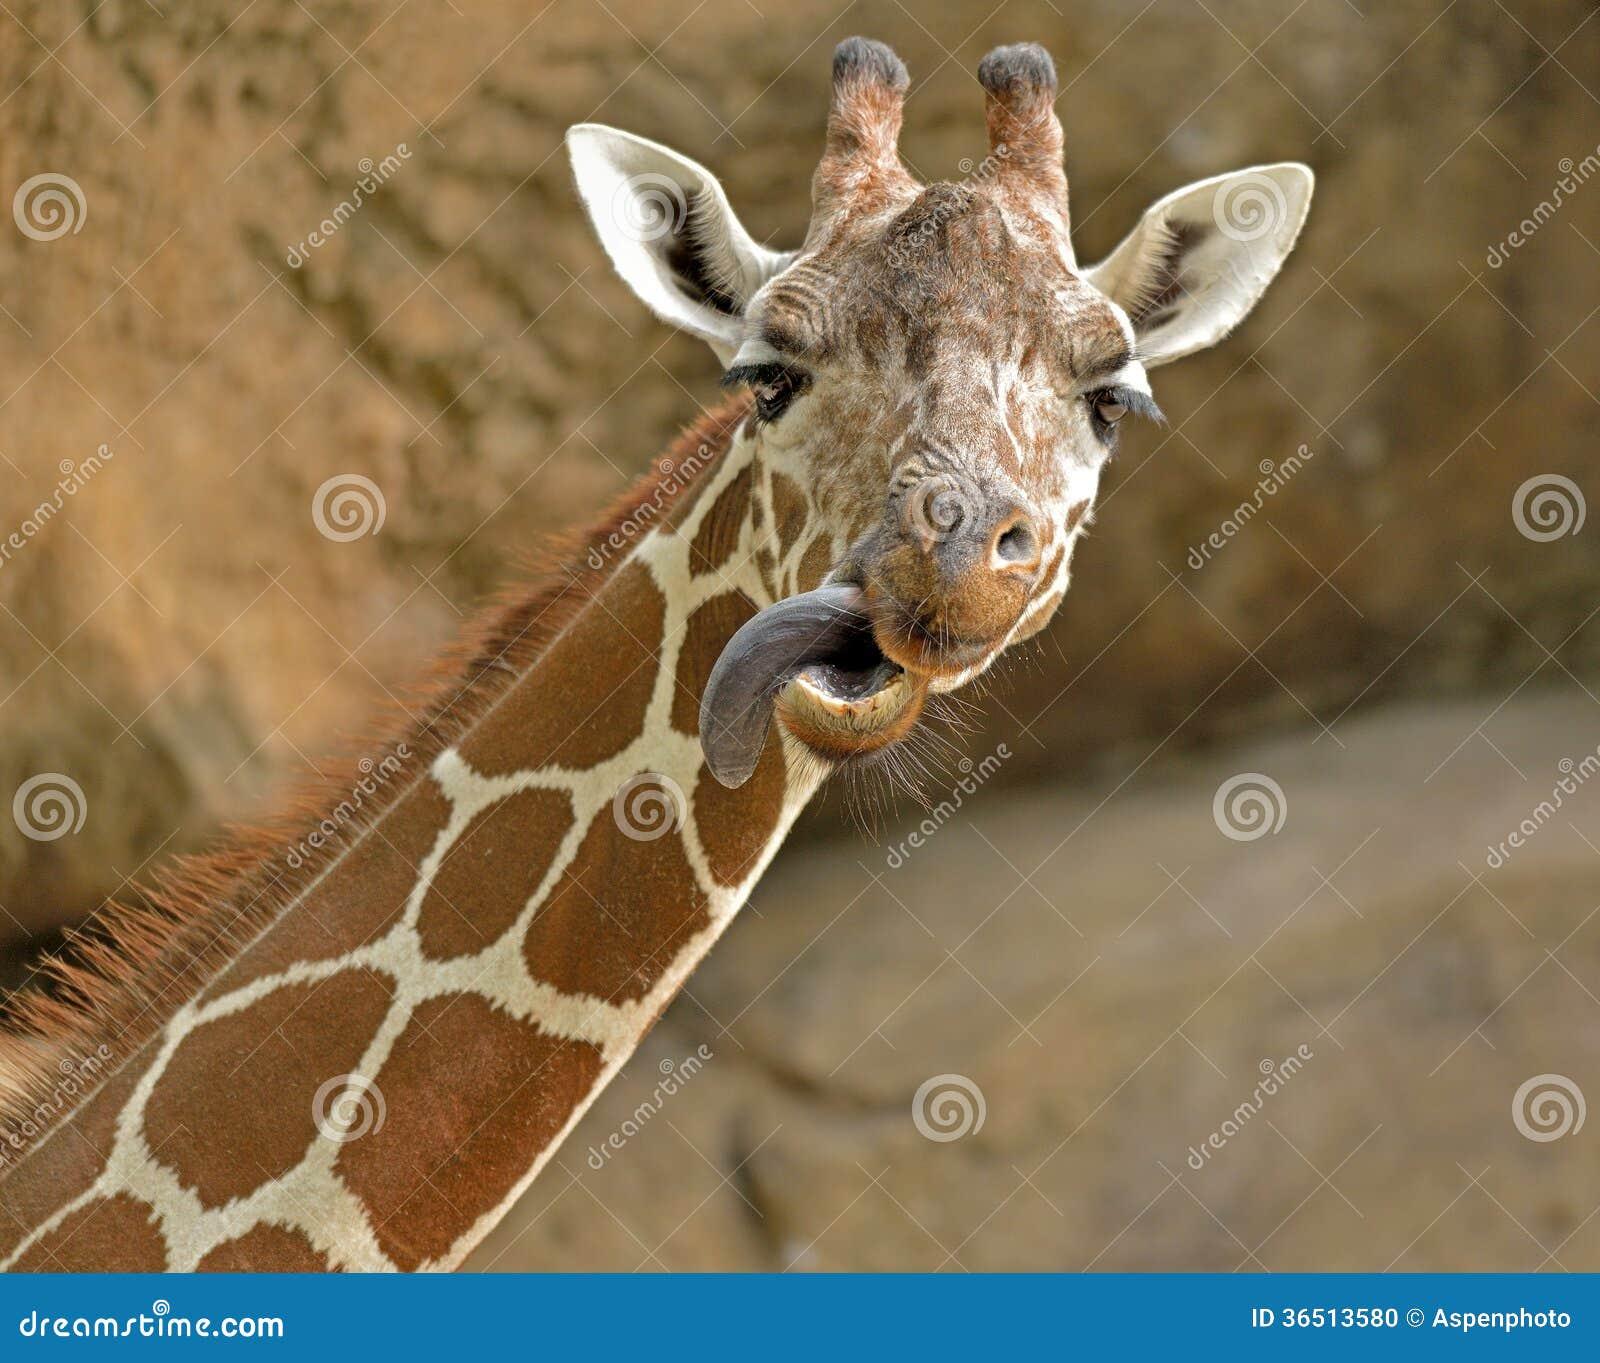 La girafe colle sa langue